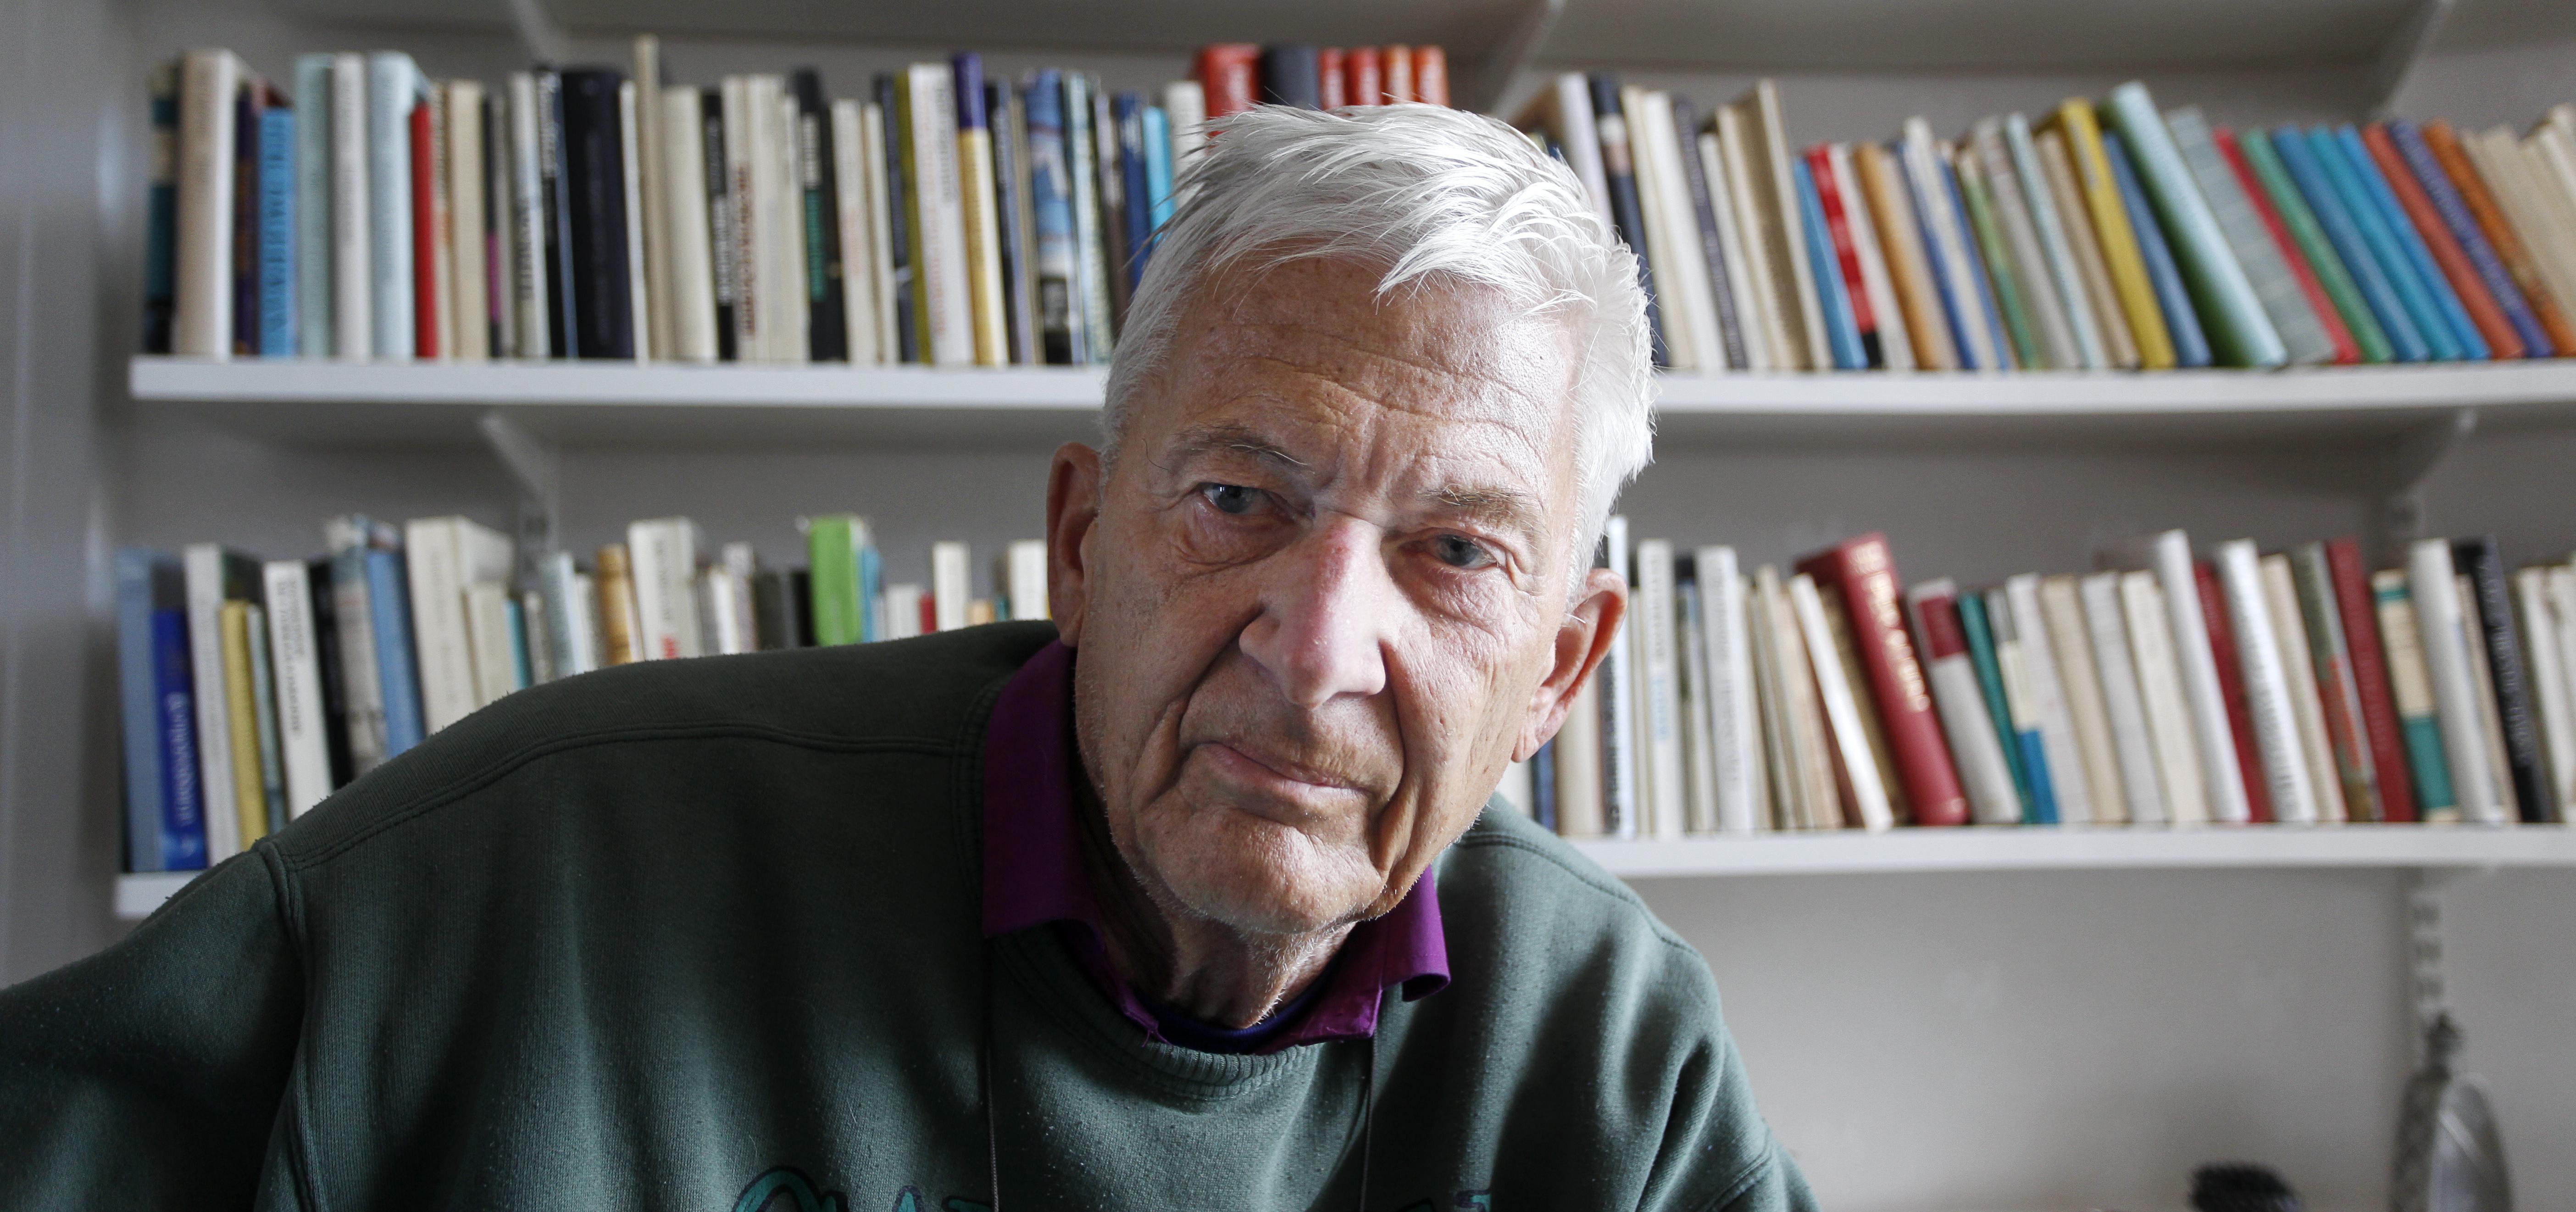 Swedish Author Per Olov Enquist Dies at 85